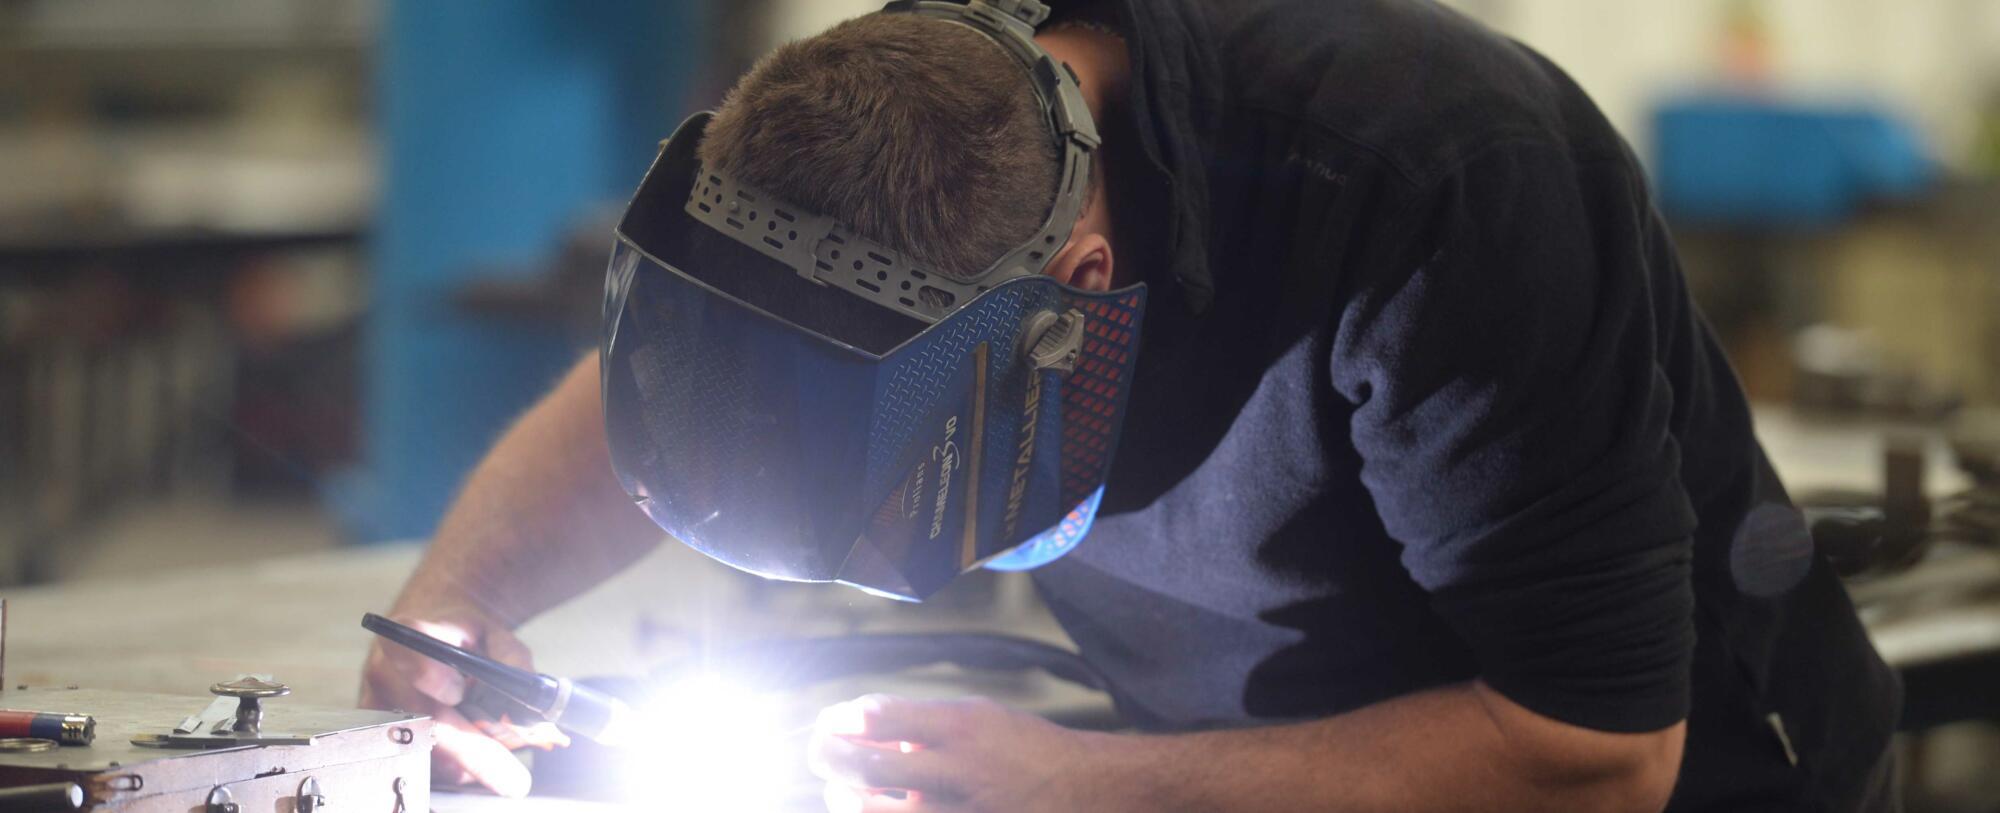 Artisans ferronnerie métallerie d'art